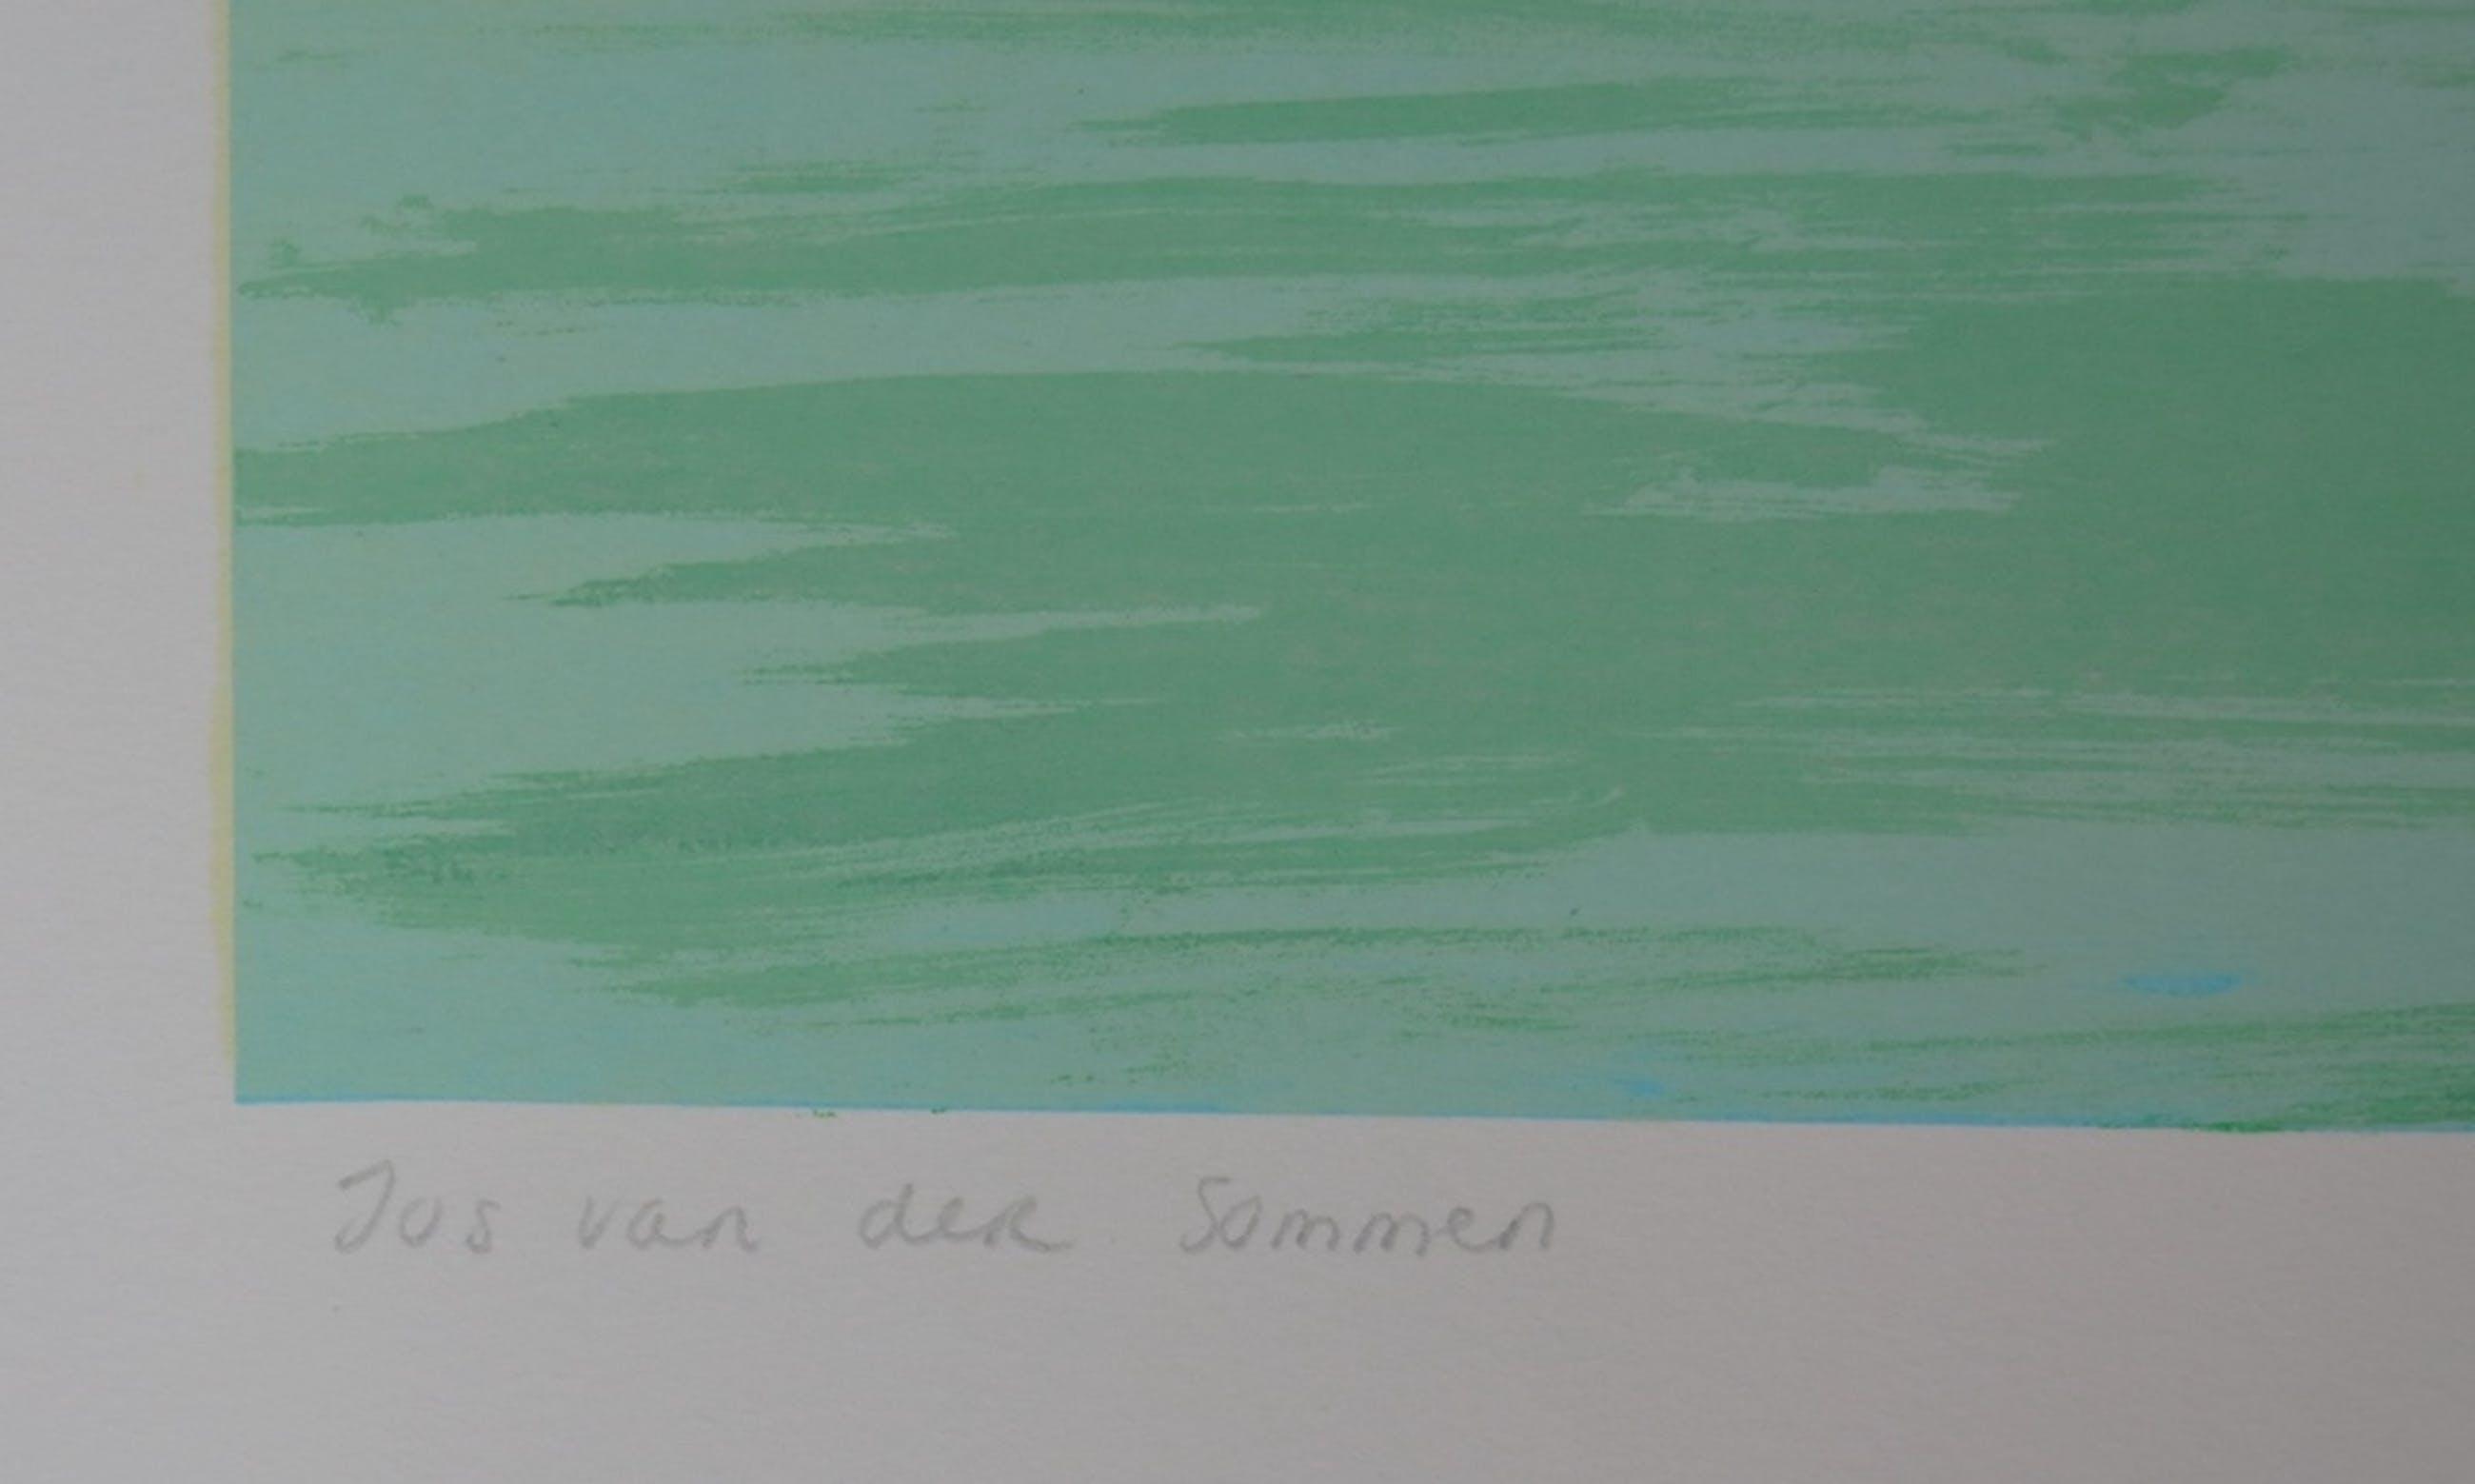 Jos van der Sommen: Zeefdruk, It's empty without you kopen? Bied vanaf 20!